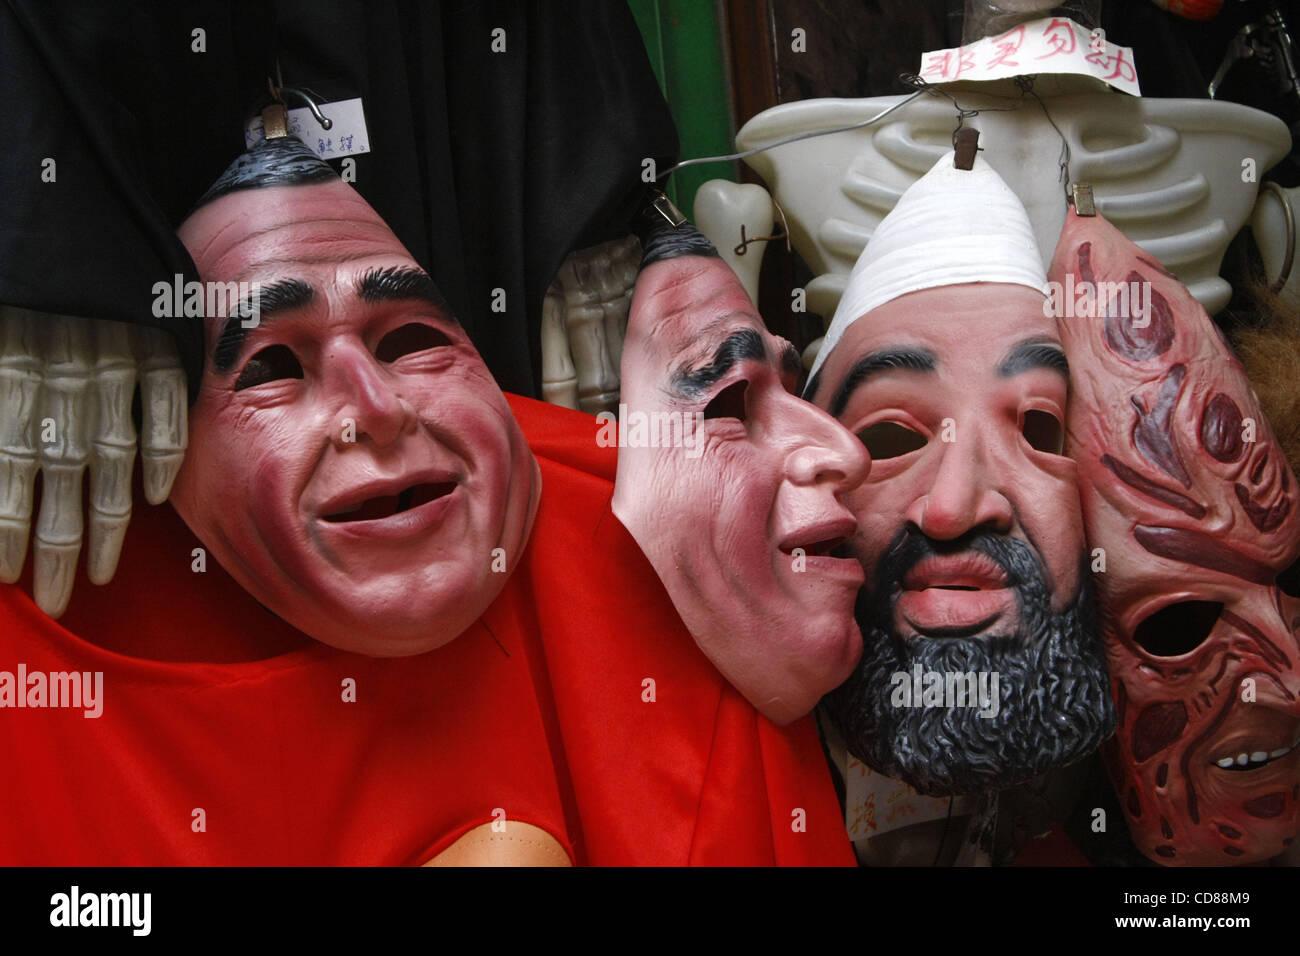 Oct 02, 2008 - Nanjing, China - A George W. Bush mask sits beneath ...